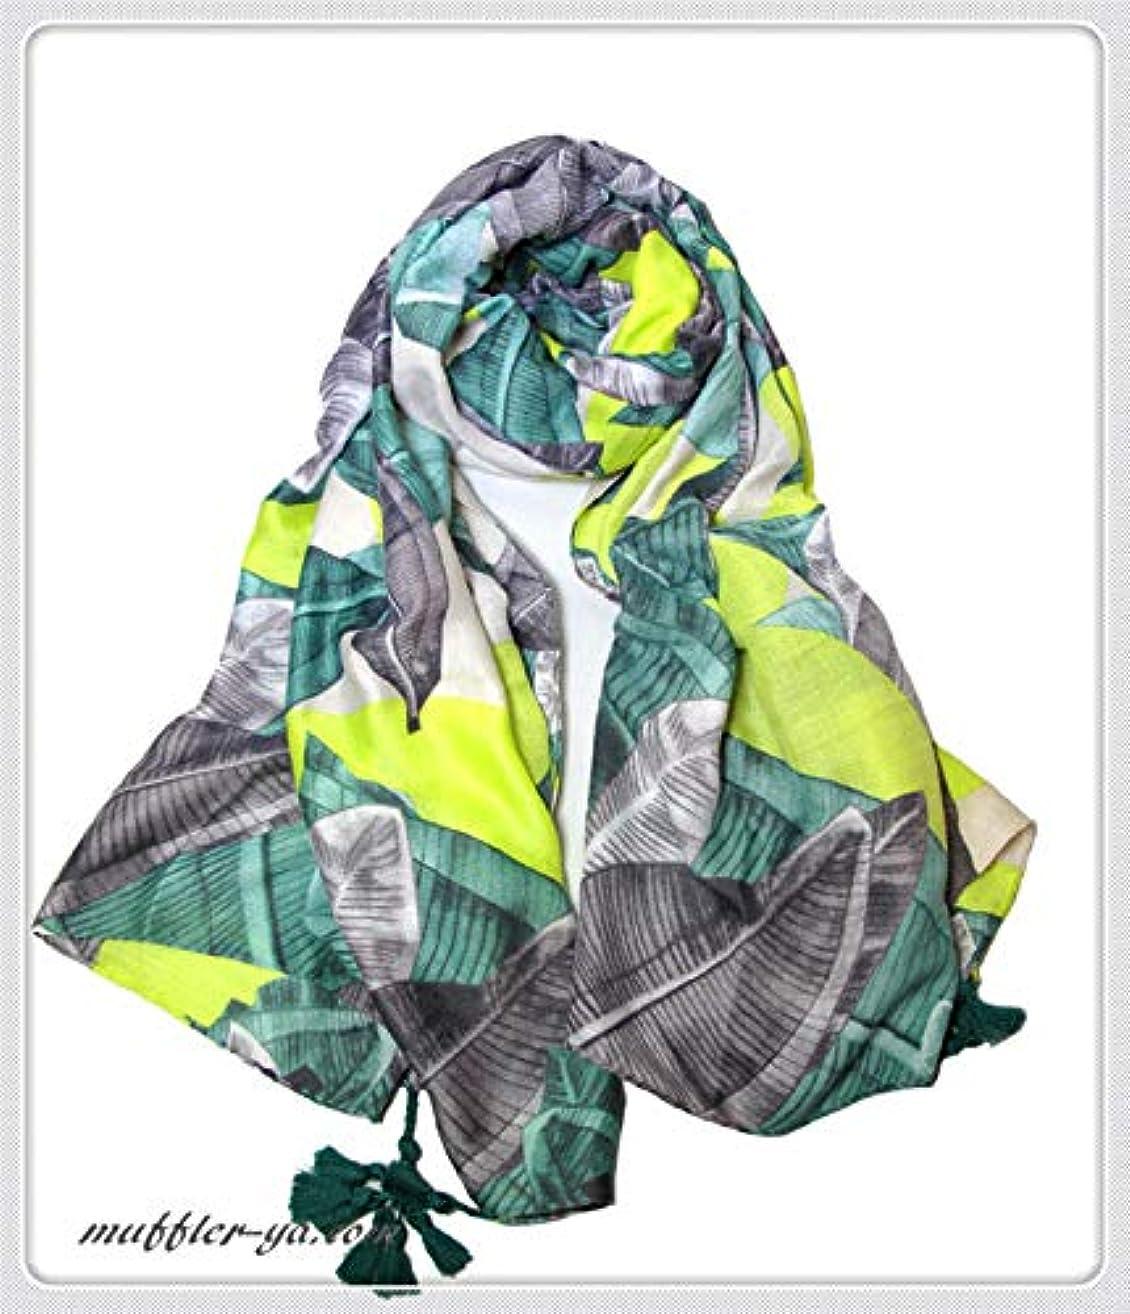 フライトテナント復活する大判タッセル付き葉っぱ柄入りストール/スカーフ 92502